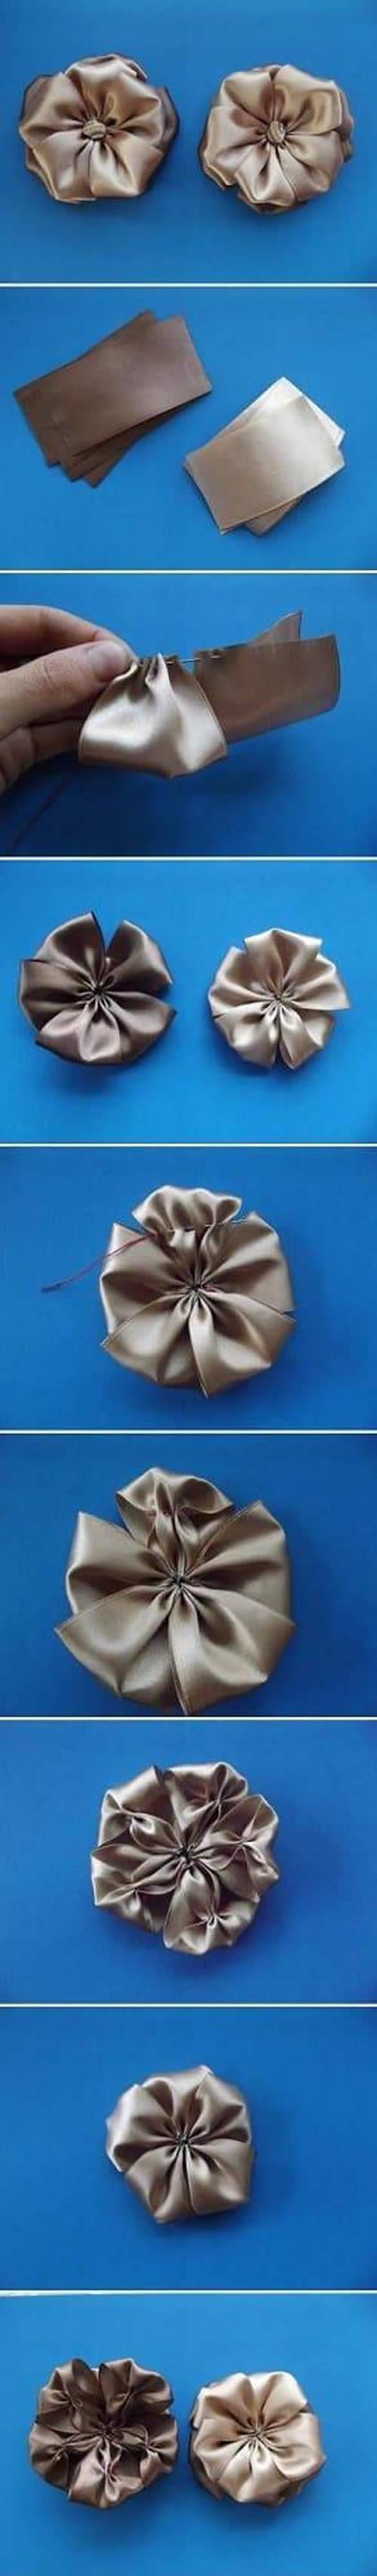 Como fazer Flores de Tecido passo a passo fácil